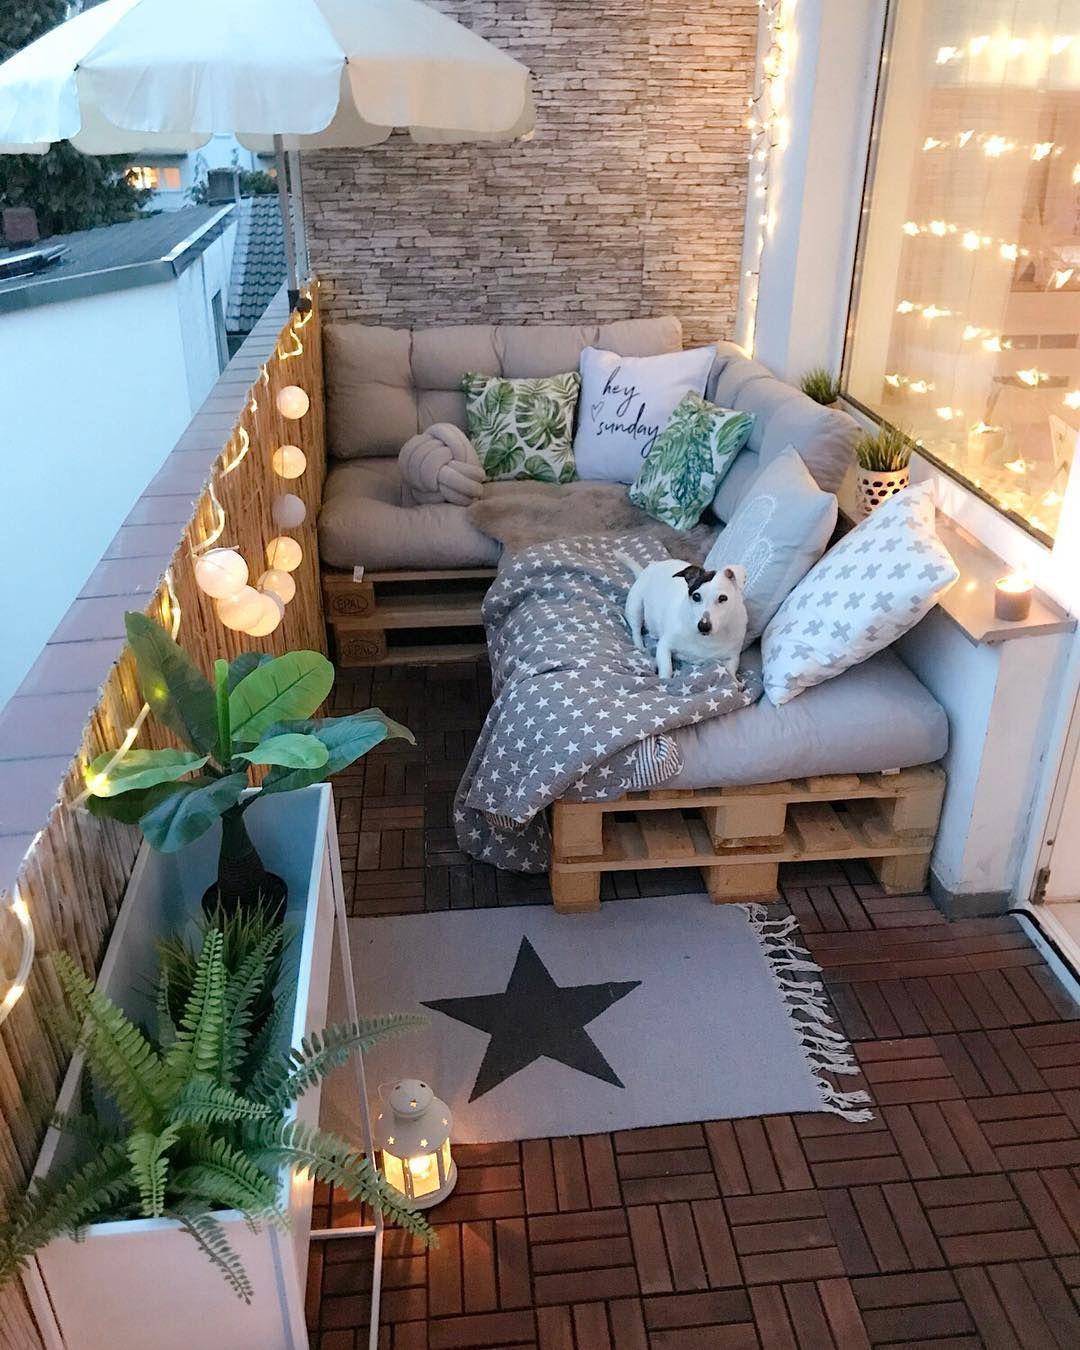 Palettenmöbel für Terrasse ist auch der Lieblingsplatz für Ihr Haustier